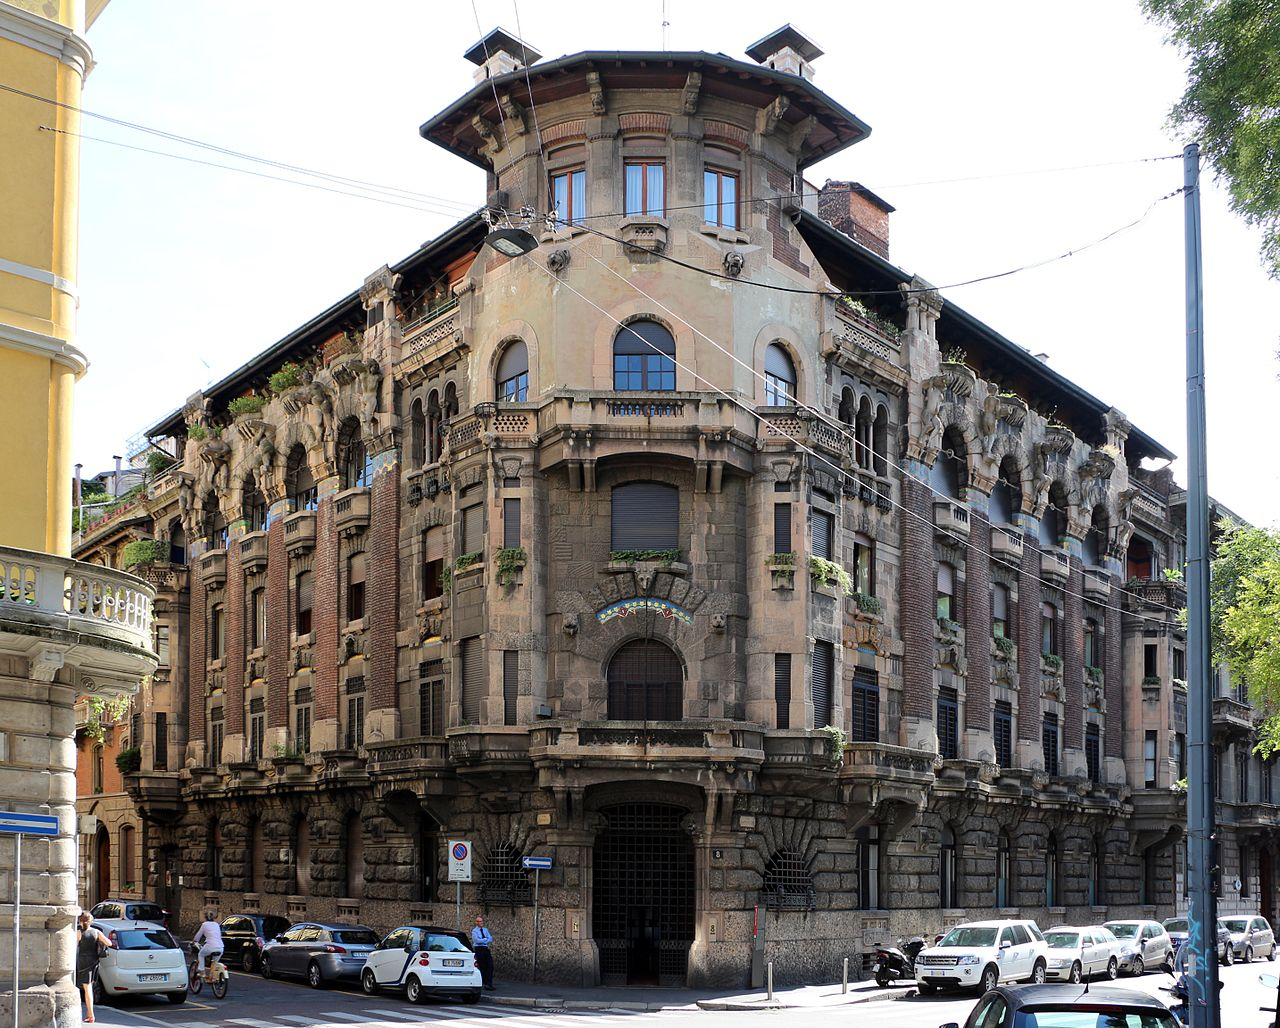 Palazzo berri-maregalli, di giulio ulisse arata, 1911-13, 01.jpg